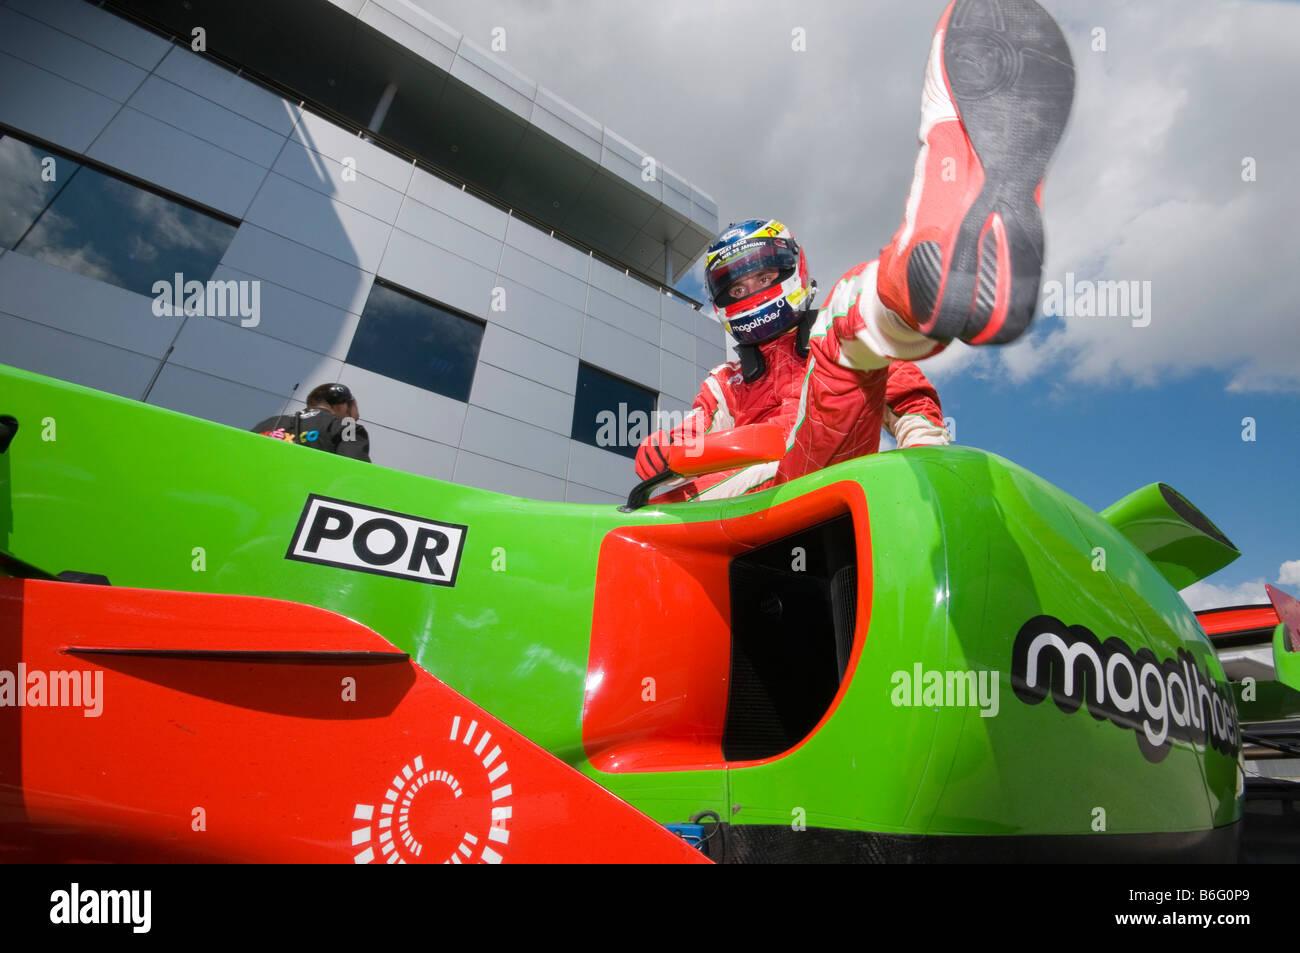 Treiber Filipe Albuquerque A1 Team Portugal verlässt sein Auto nach Qualifikation bei A1GP World Cup of Motorsport Stockbild